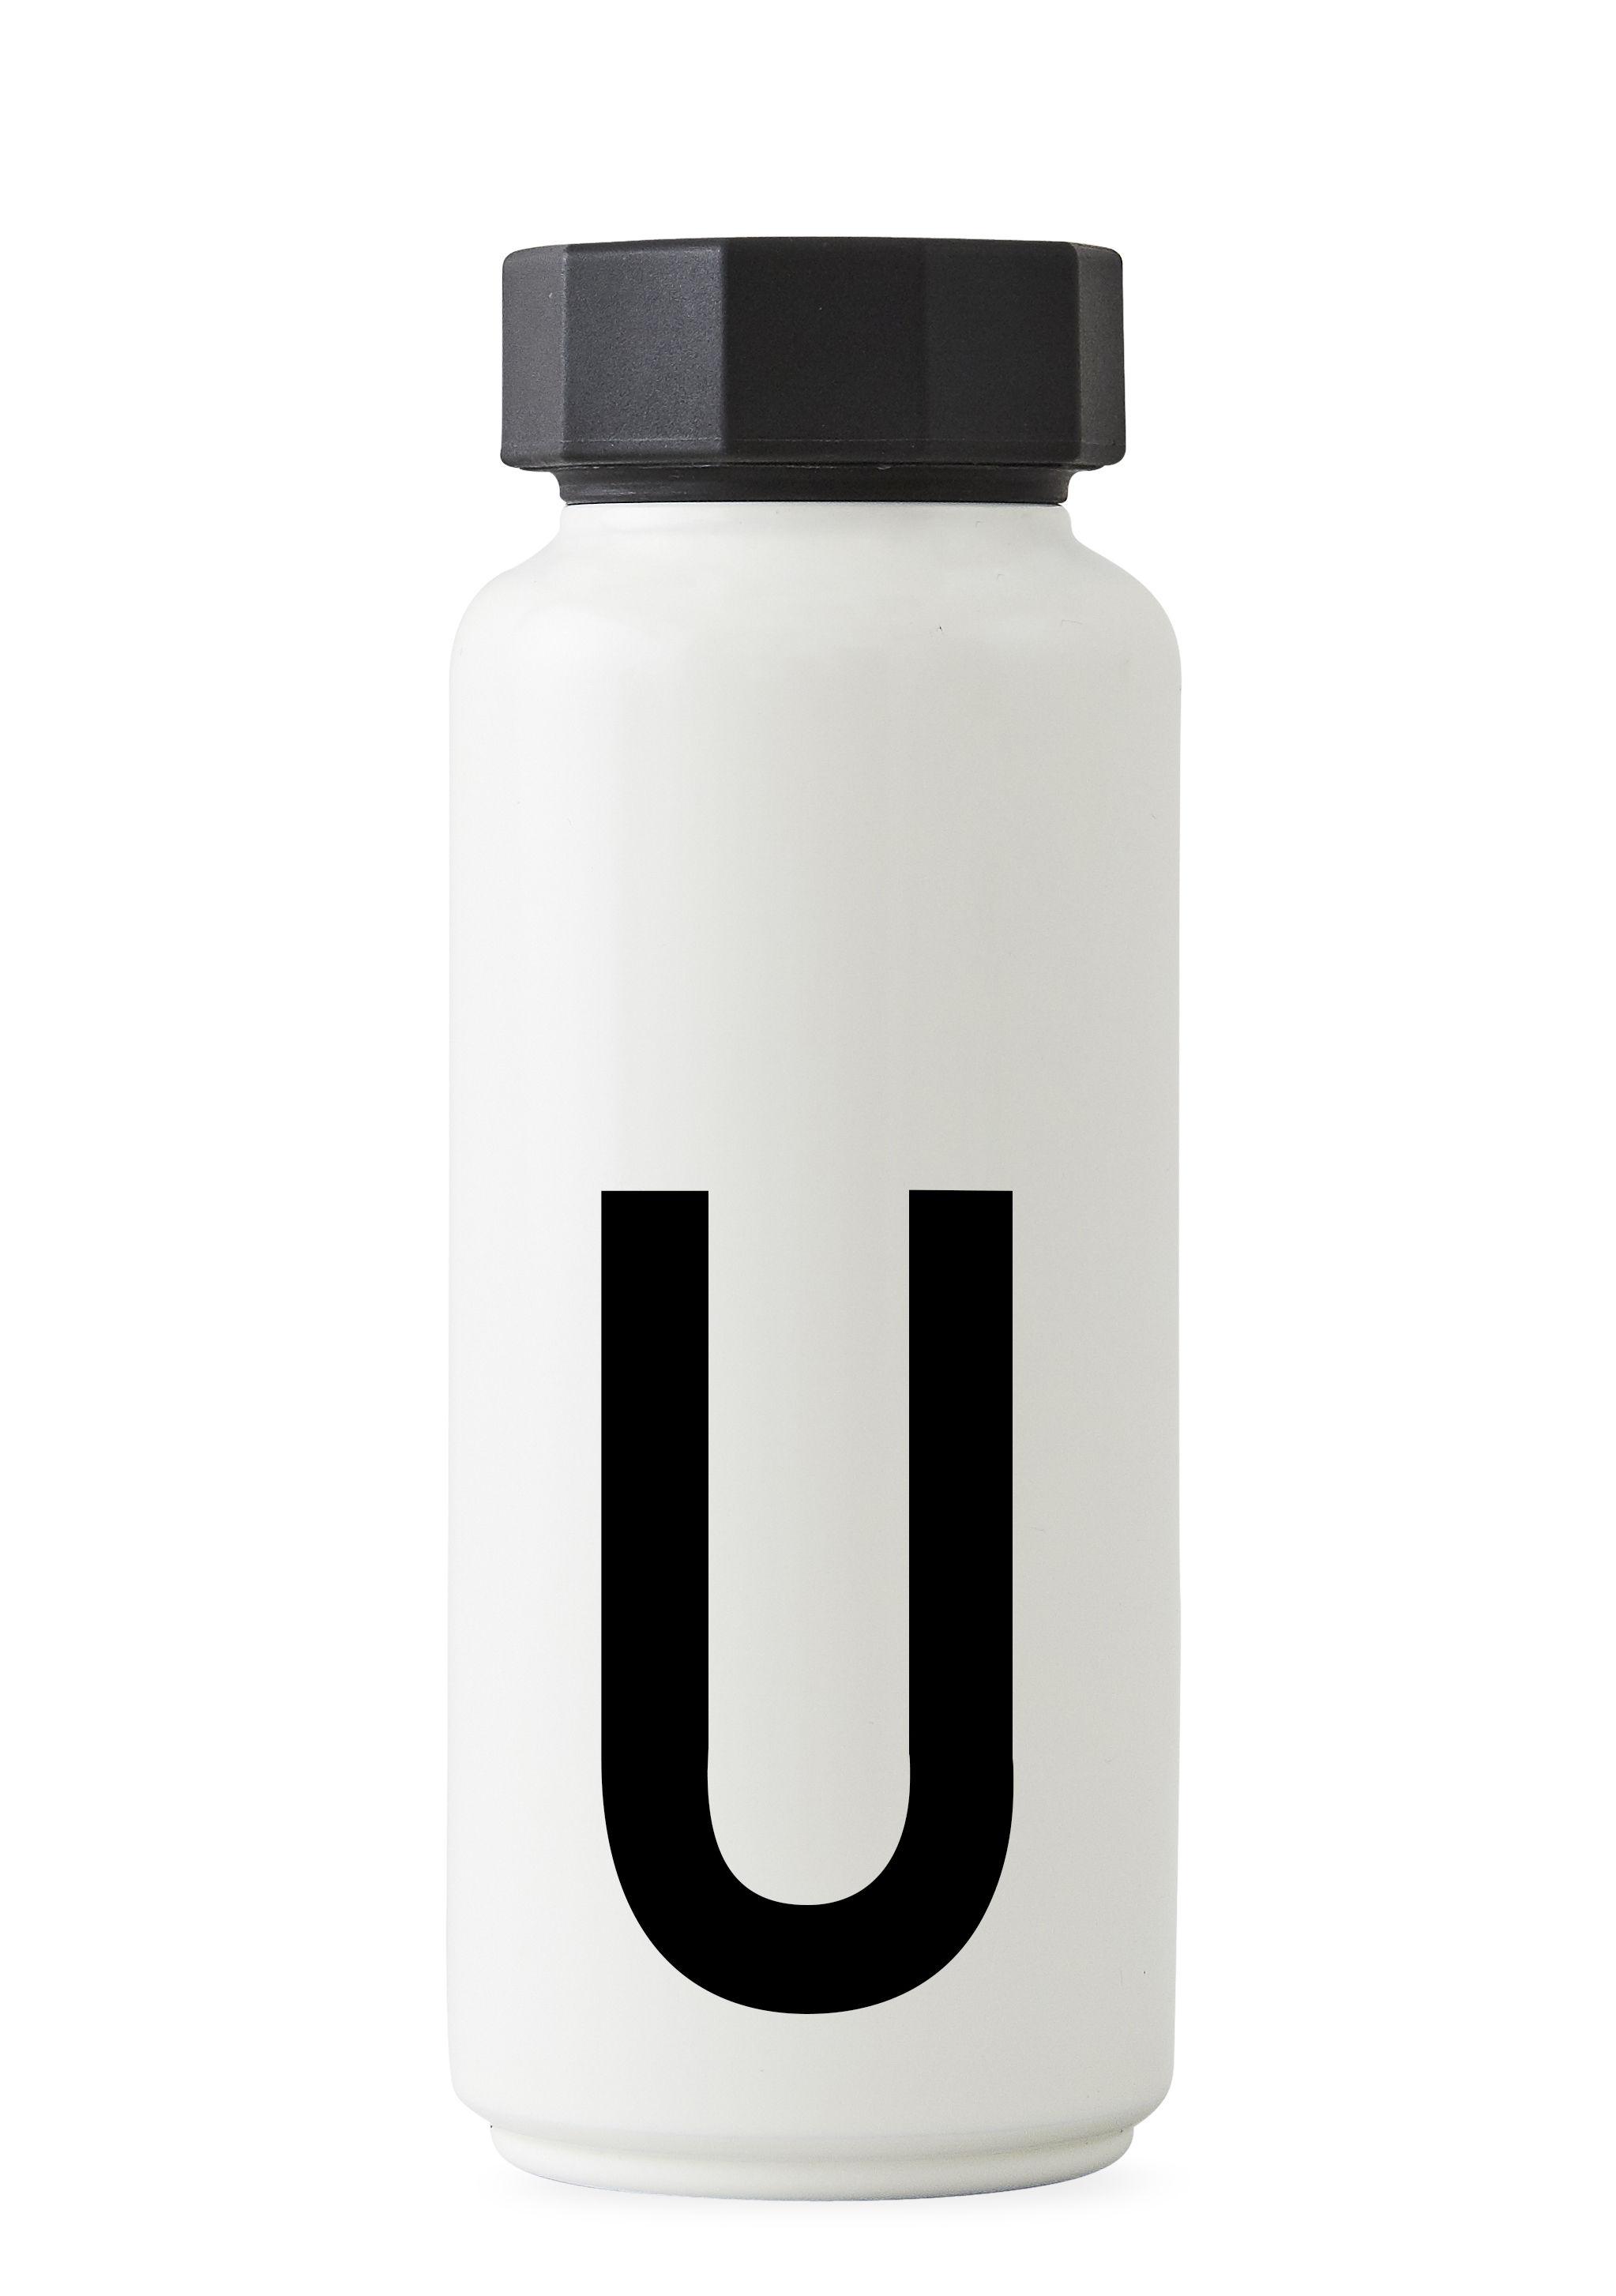 Arts de la table - Carafes et décanteurs - Bouteille isotherme A-Z / 500 ml - Lettre U - Design Letters - Blanc / Lettre U - Acier inoxydable, Polypropylène